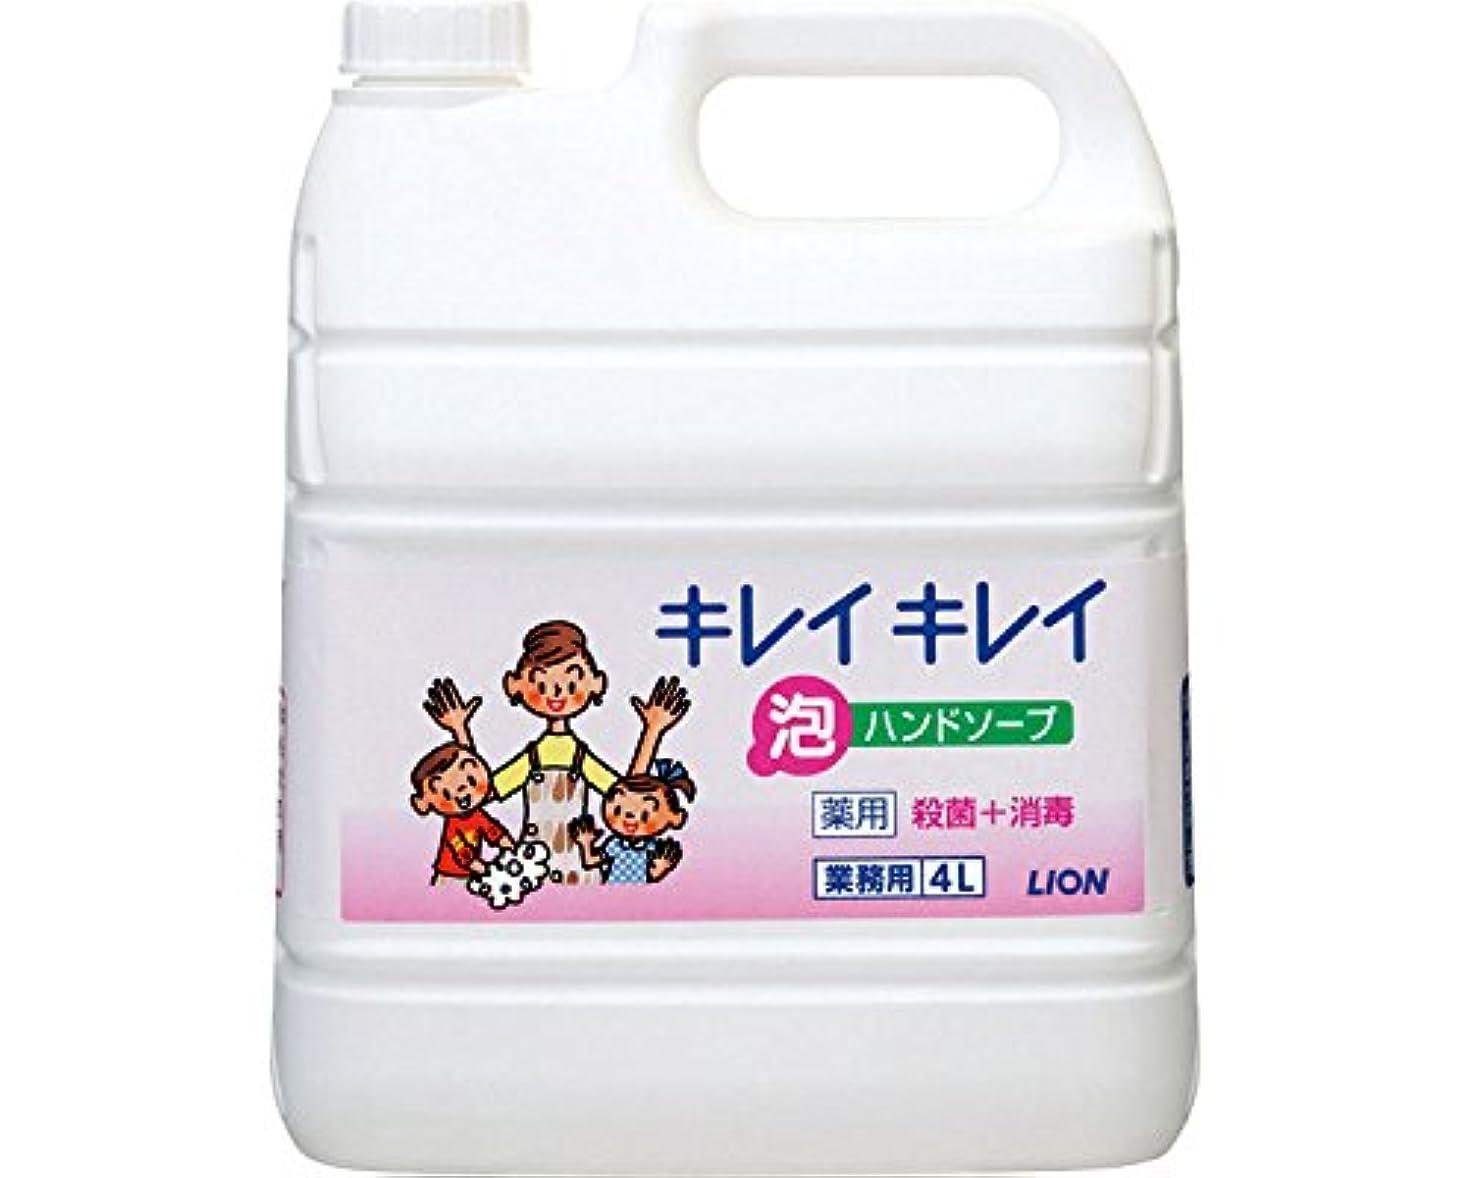 想像力設置端キレイキレイ薬用泡ハンドソープ 4L詰替 (ライオンハイジーン) (手指洗浄)